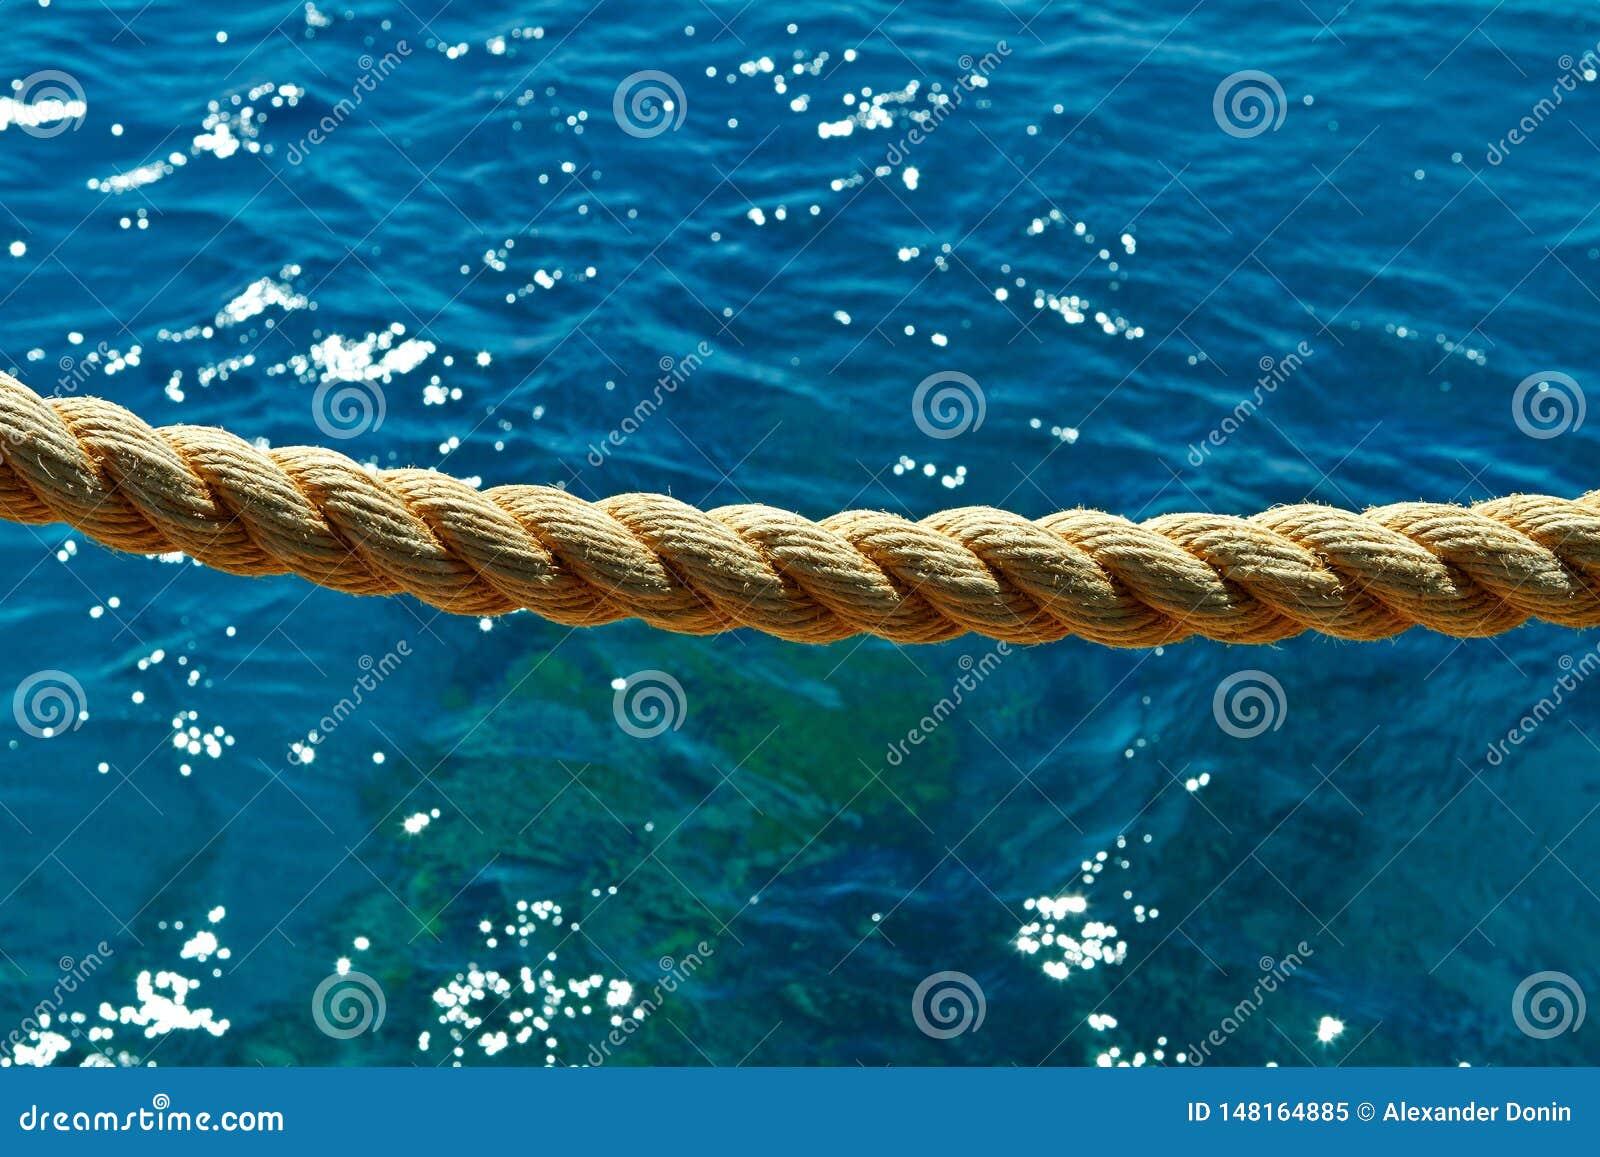 Kabel op de achtergrond van het Rode Overzees